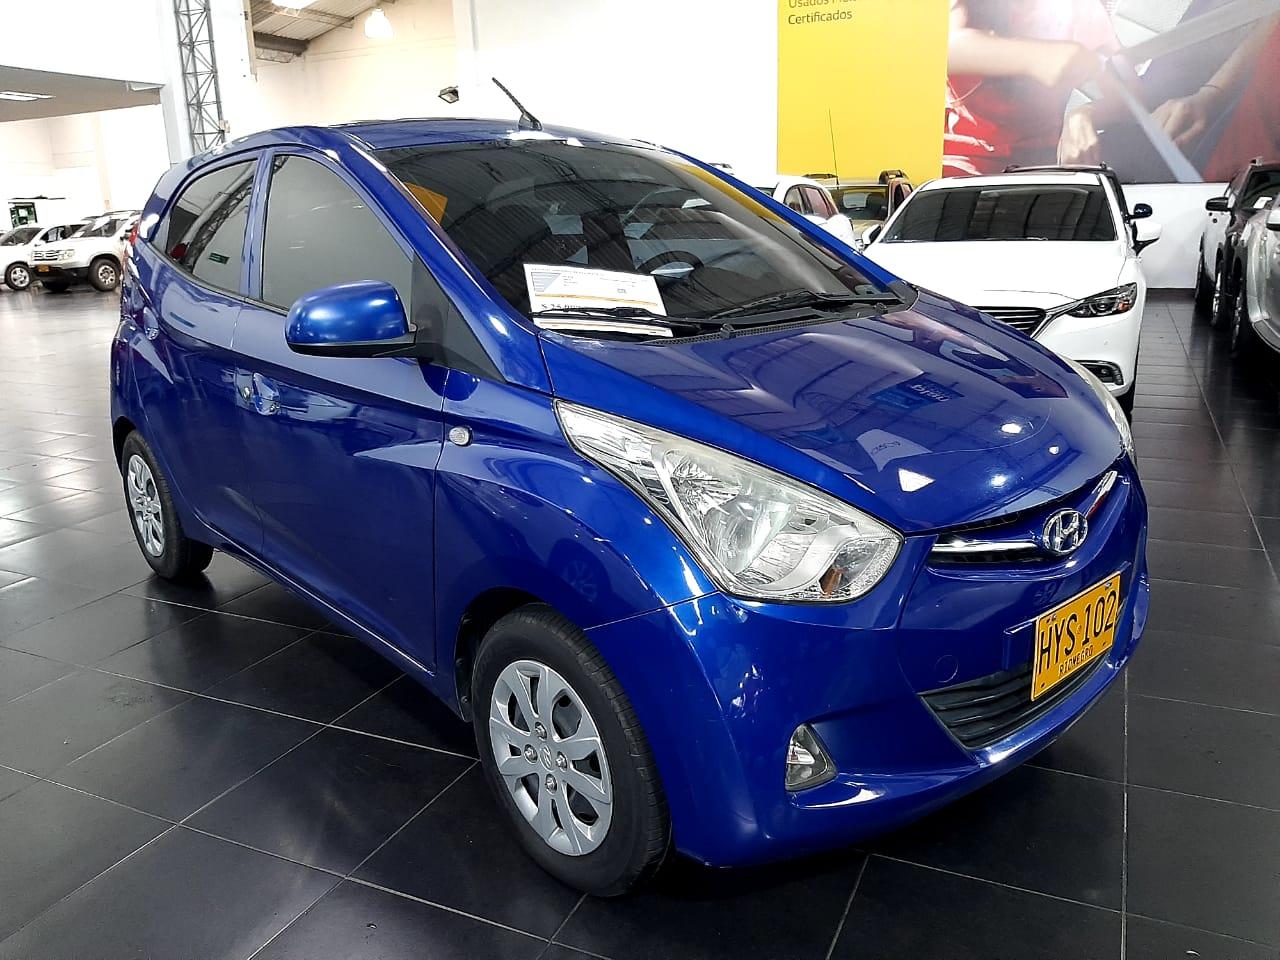 Hyundai-Eon-01465217-1